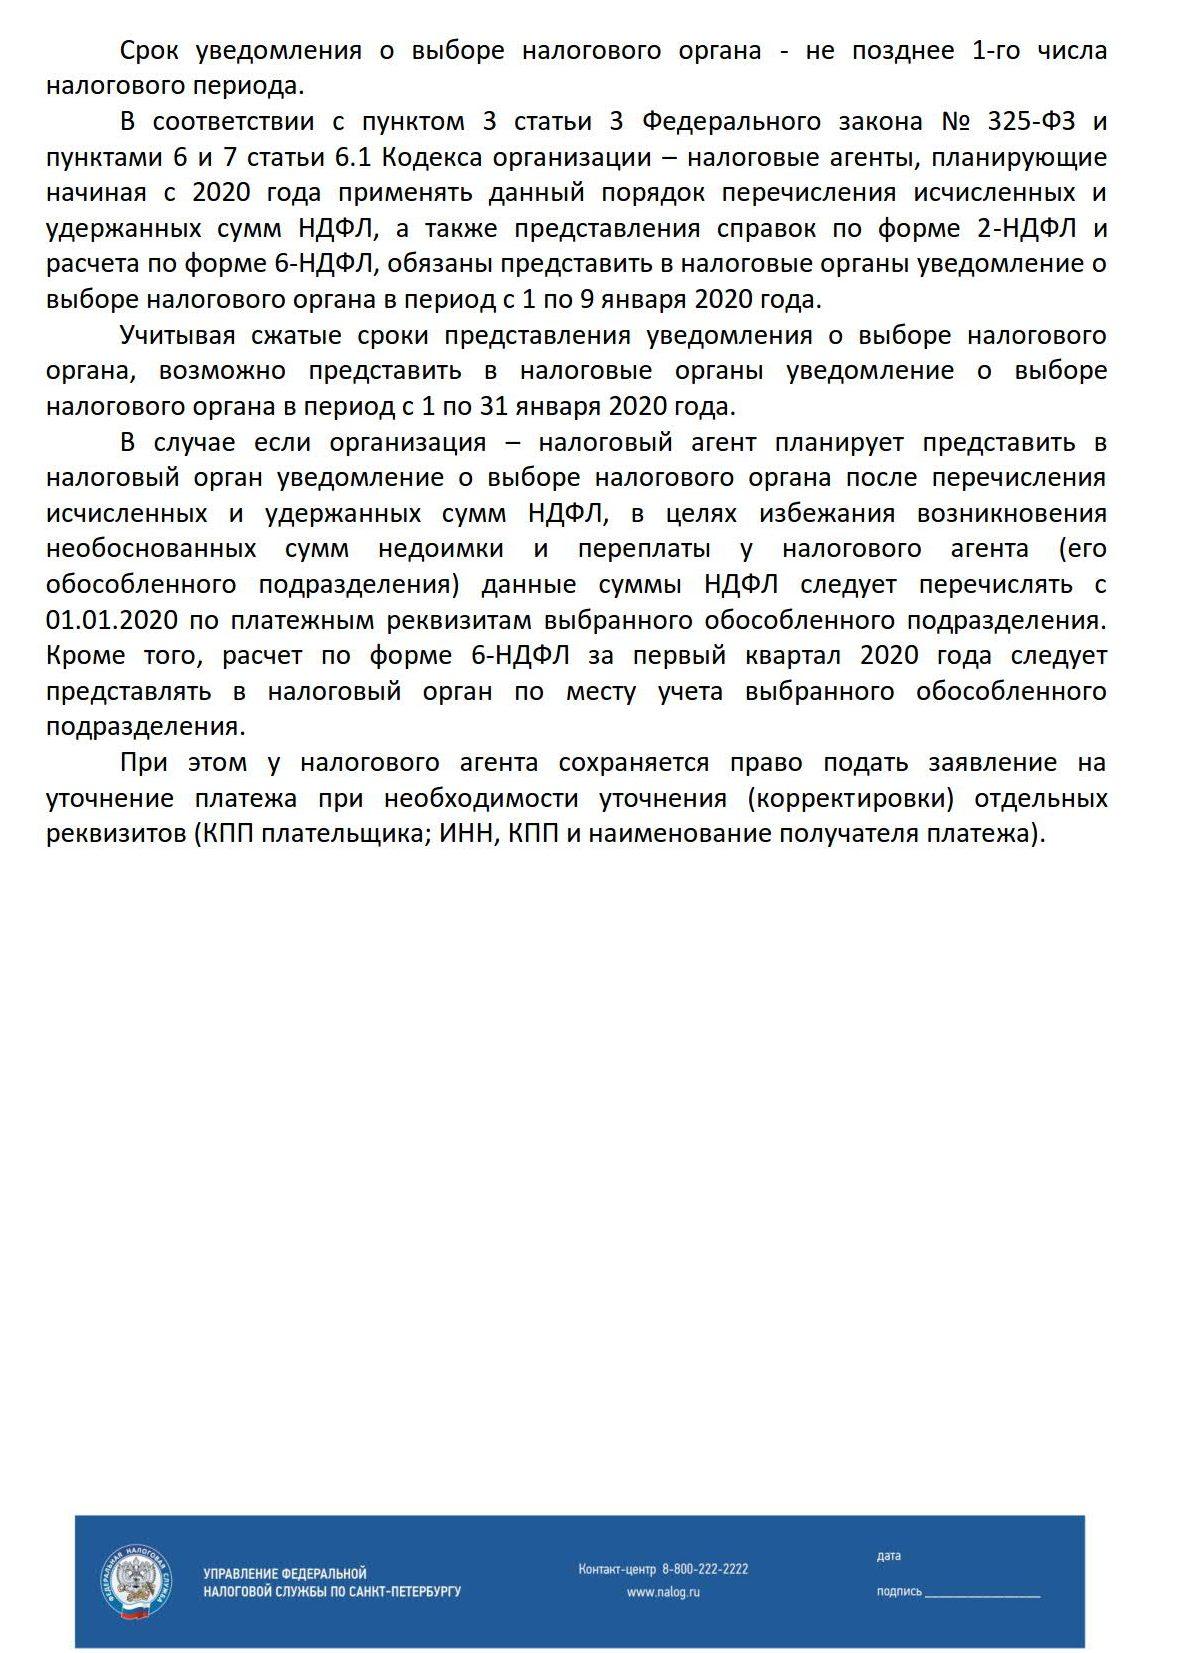 Изменения 2-НДФЛ_6-НДФЛ_2